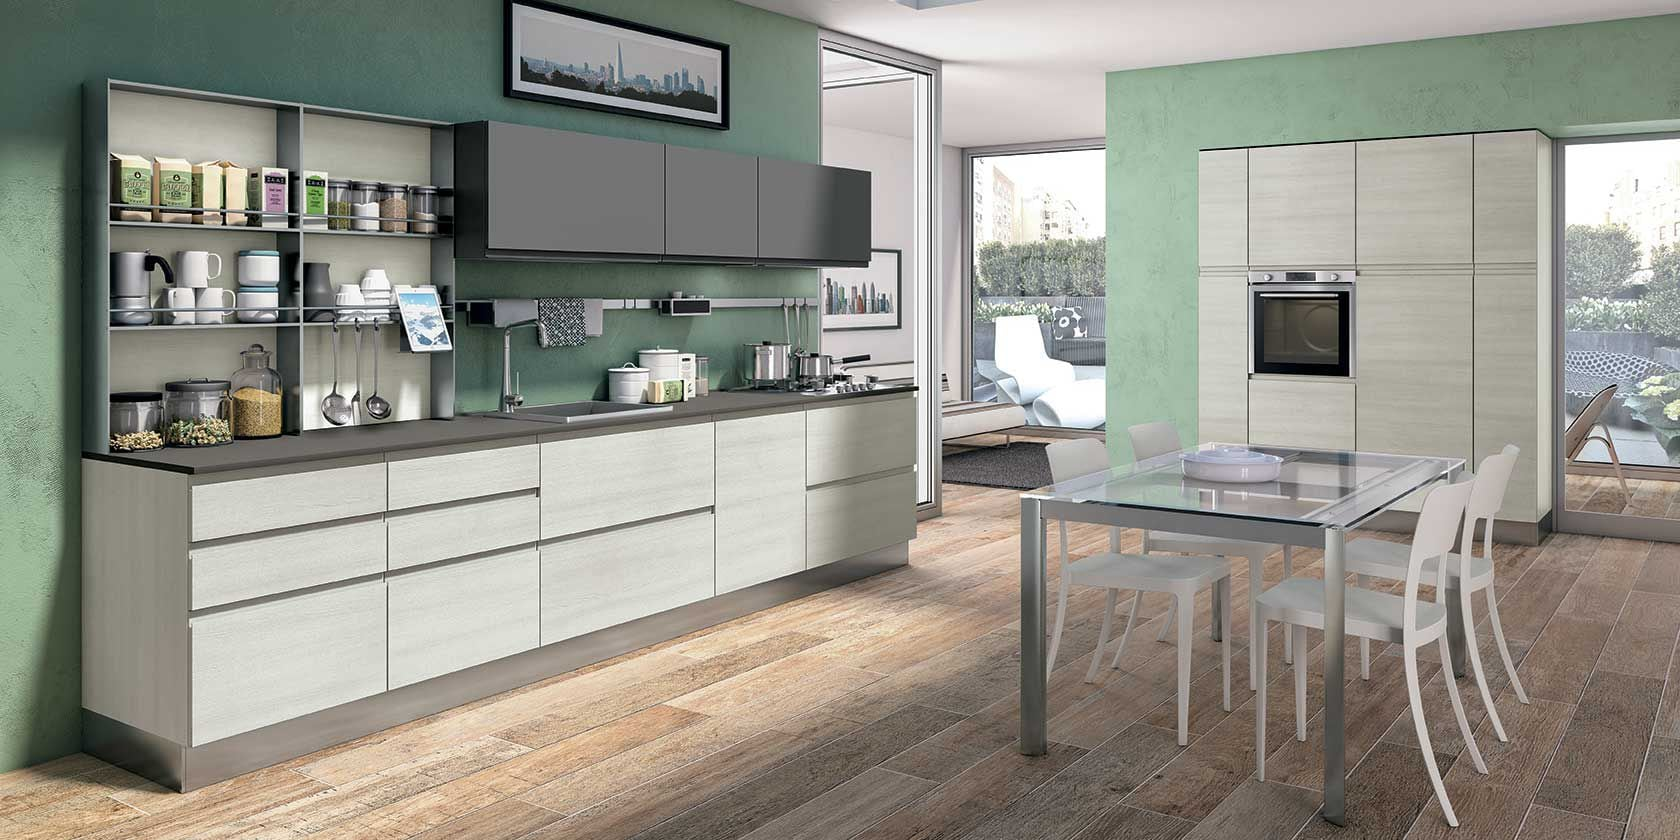 Cucina Creo-Kitchens Lube Cucine Moderna Con Maniglia Integrata ...